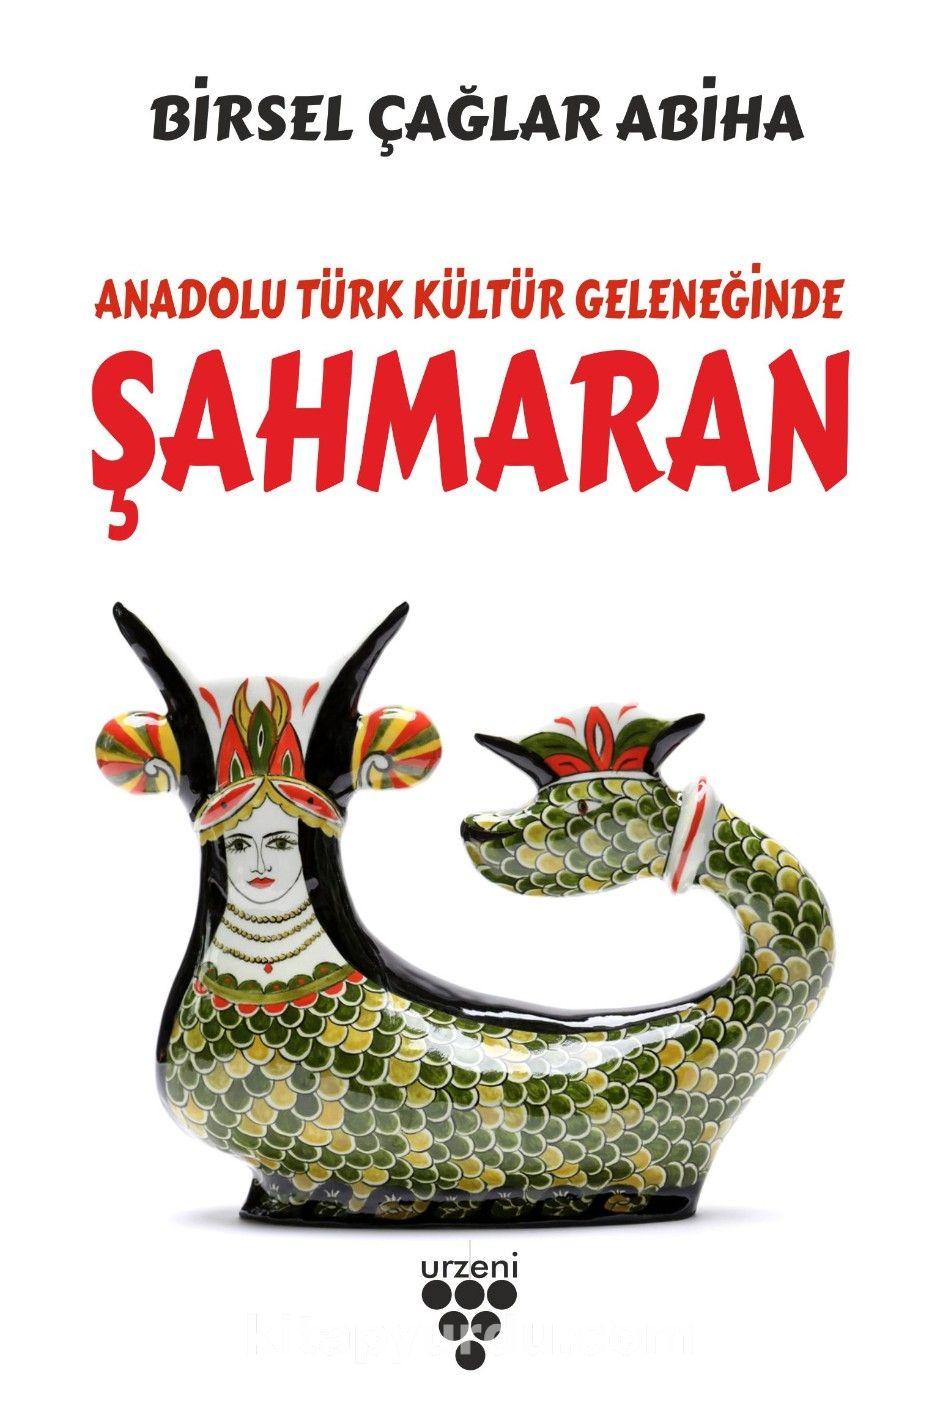 Anadolu Türk Kültür Geleneğinde Şahmaran PDF Kitap İndir